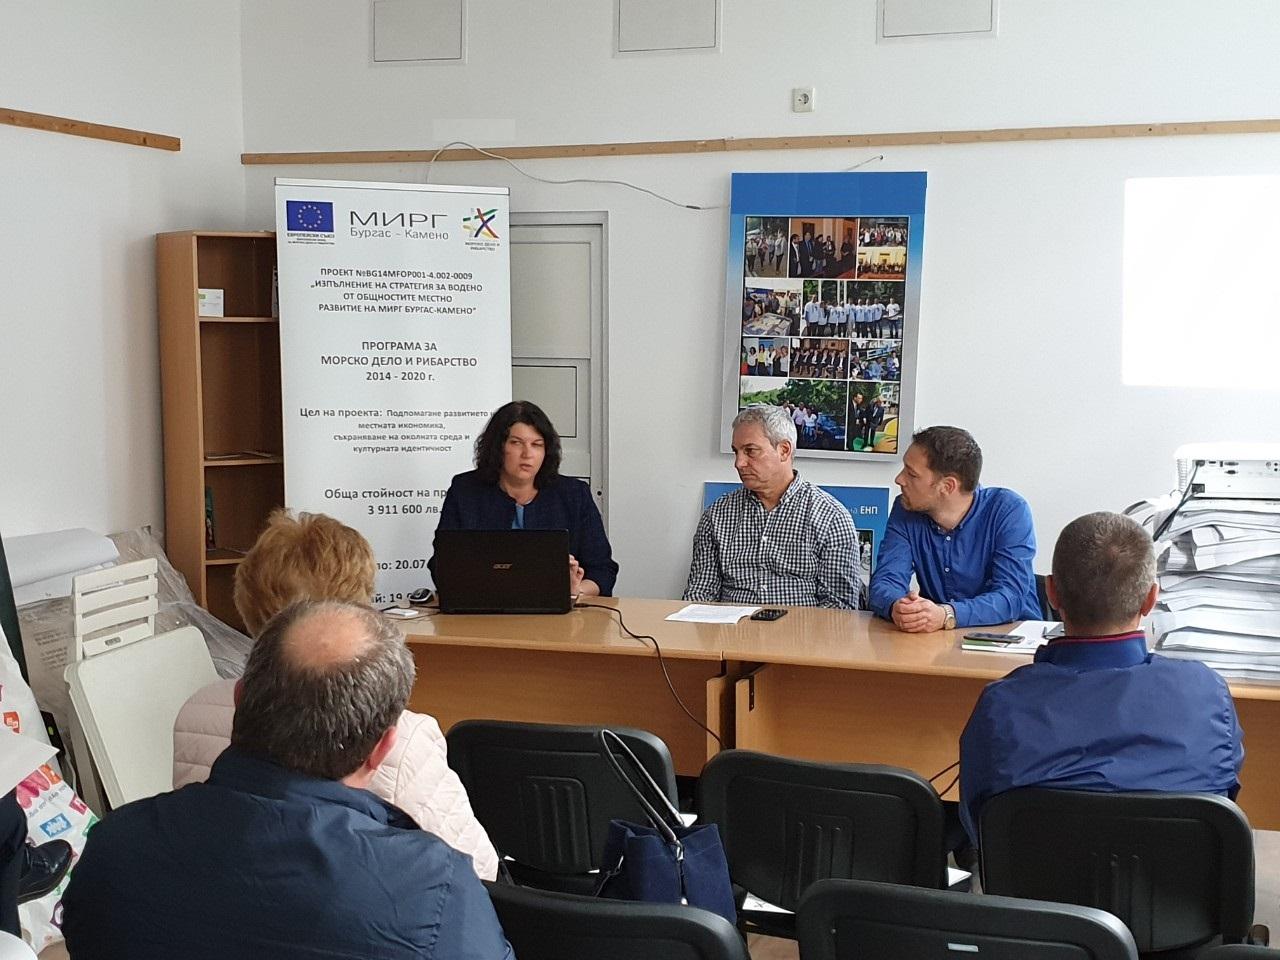 МИРГ Бургас-Камено представи своята дейност пред група съветници от Общински съвет Бургас